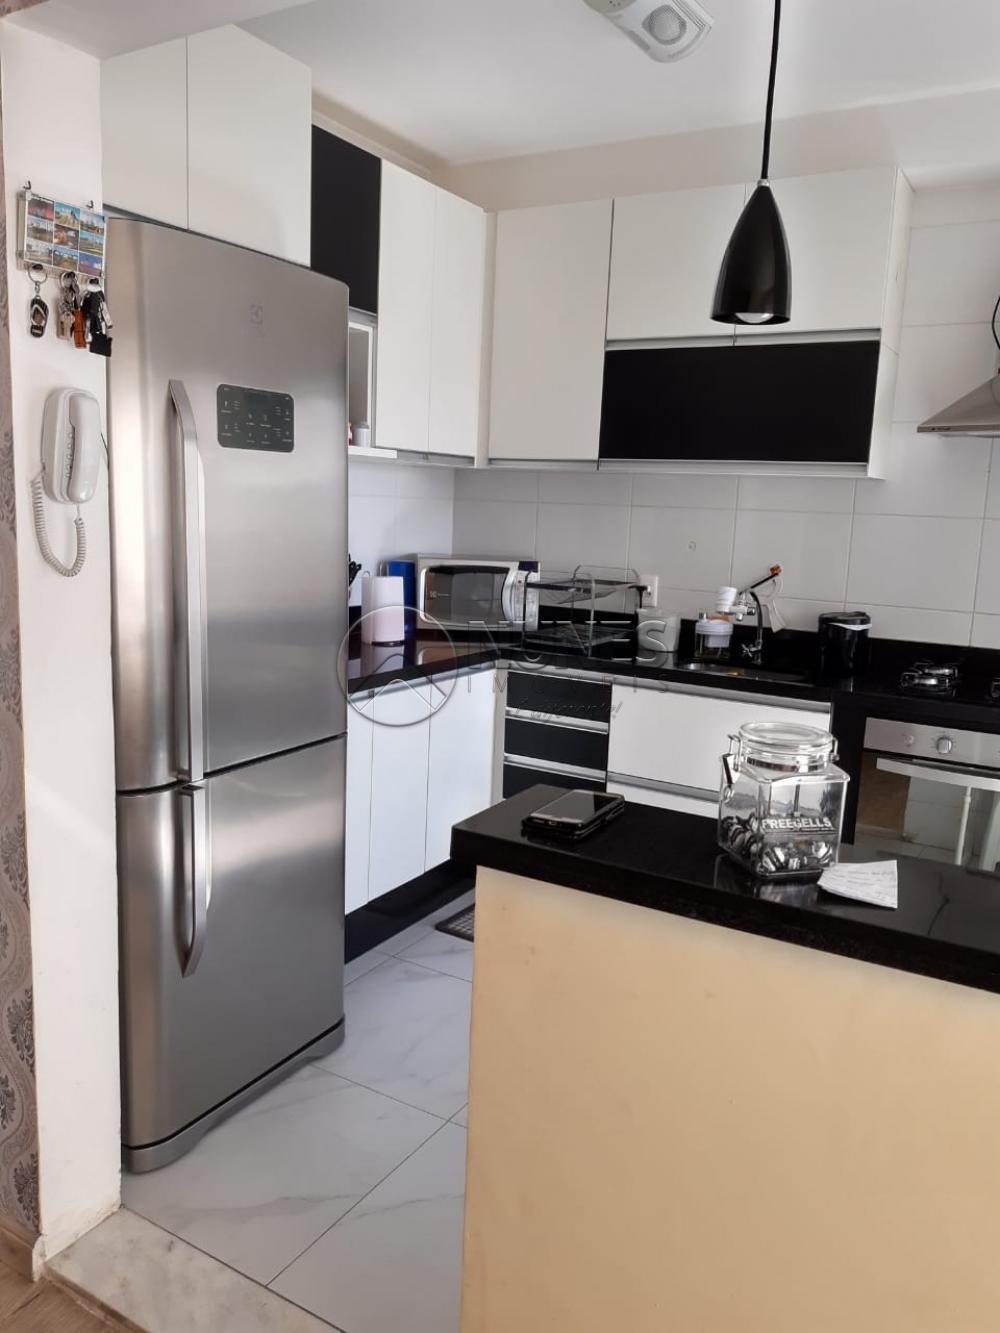 Comprar Apartamento / Padrão em Barueri apenas R$ 280.000,00 - Foto 4